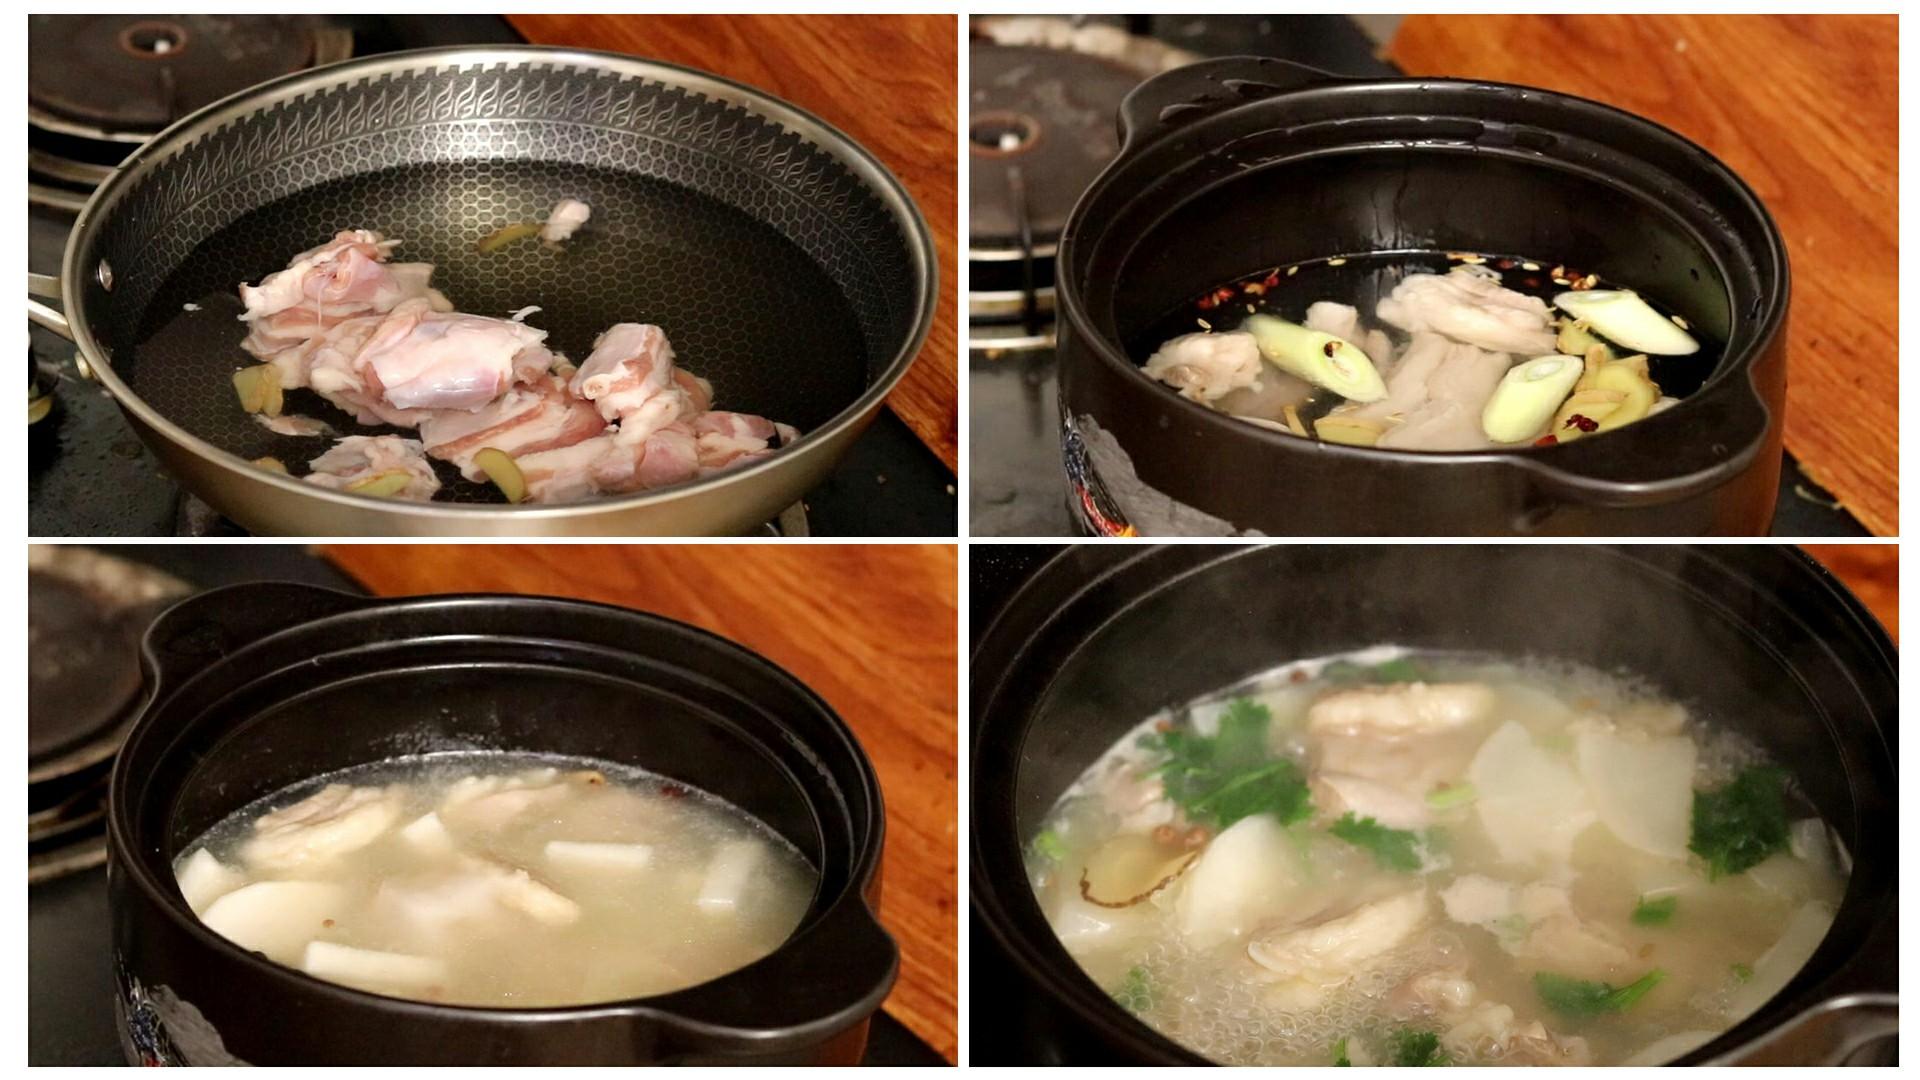 冬至过后,6道美食不要错过,家人常吃驱寒保暖,营养又解馋  美食做法 第12张